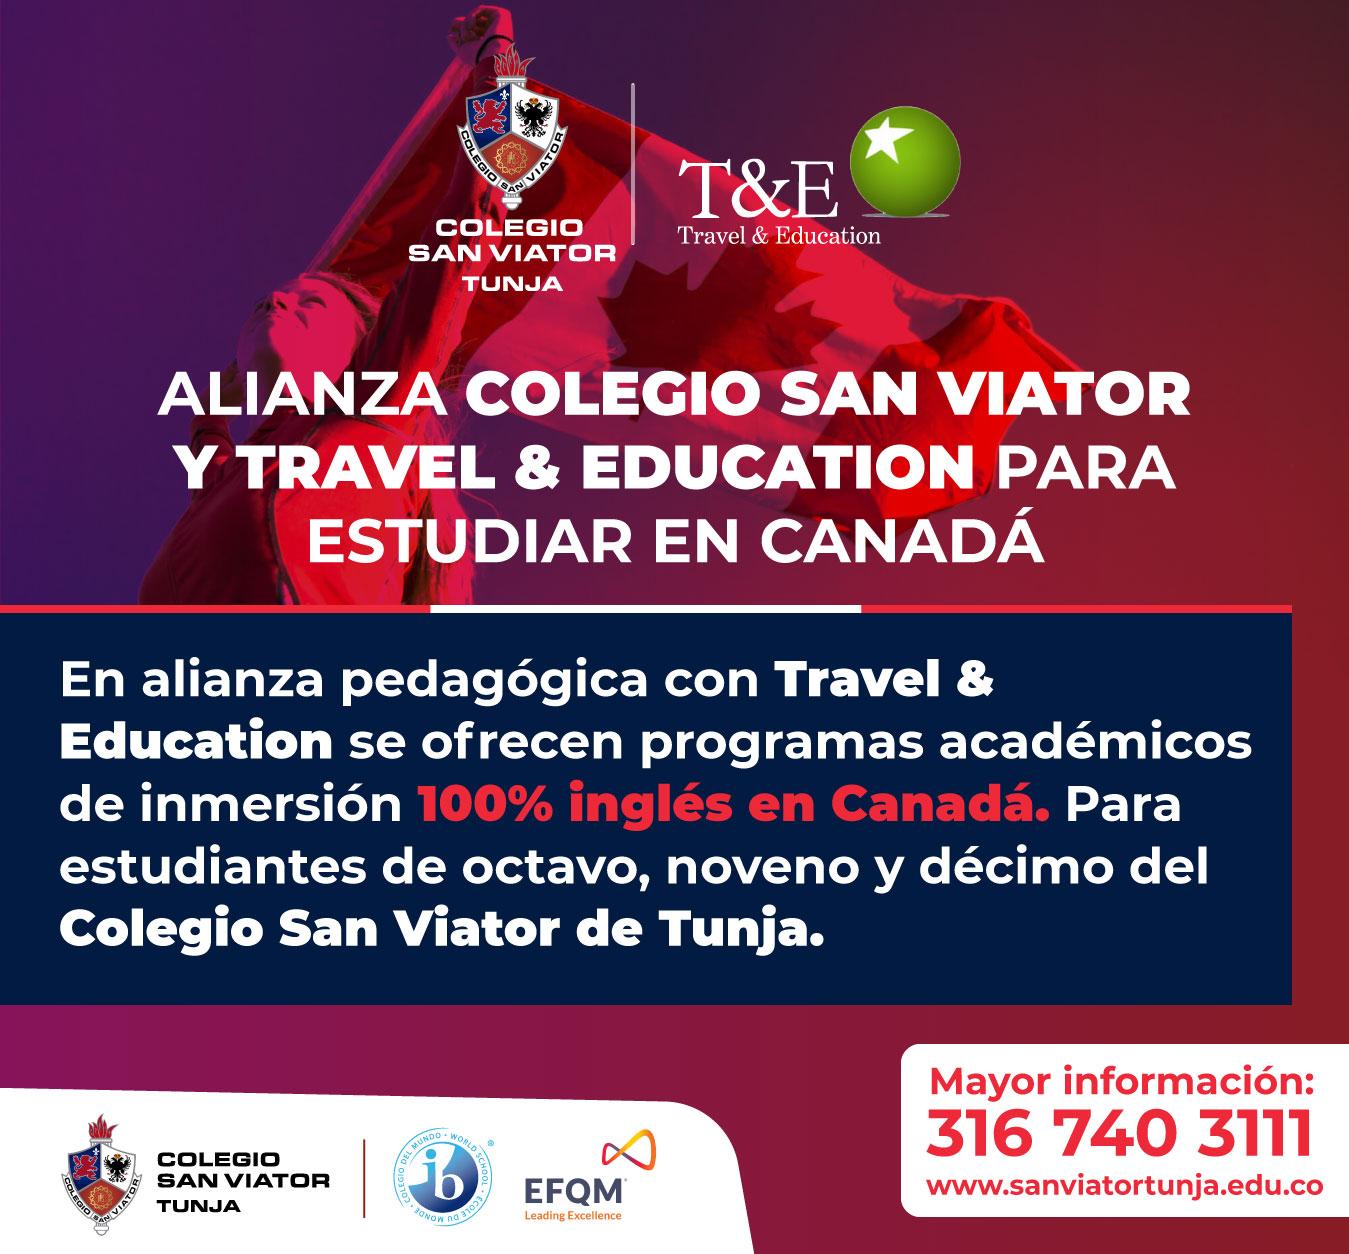 Alianza pedagógica en programas de inmersión 100% inglés en Canadá